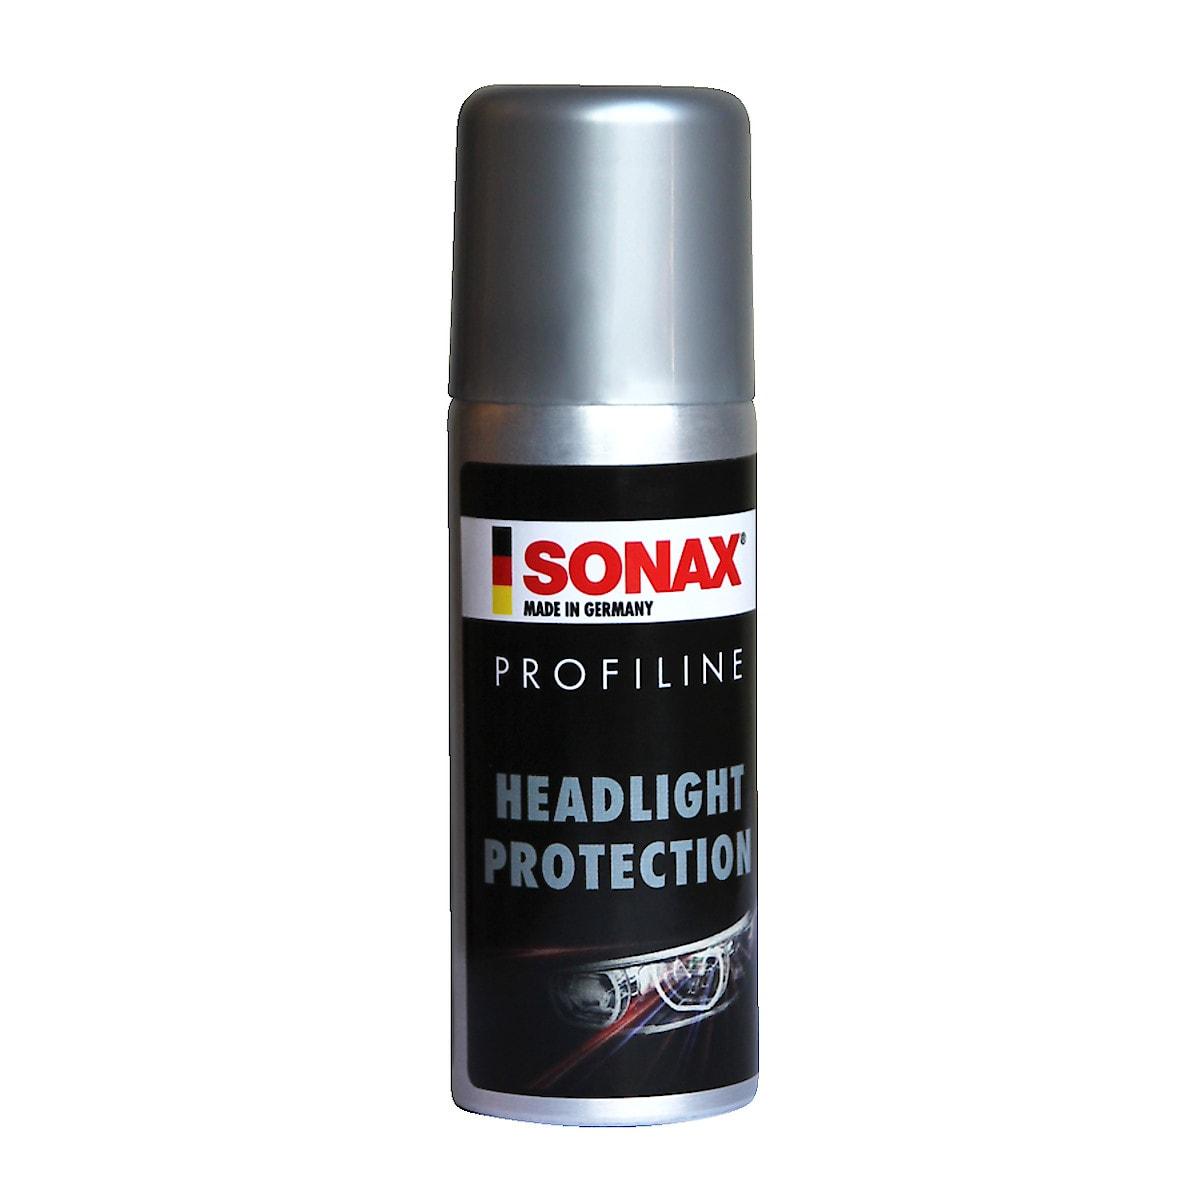 Strålkastarförsegling Pro HeadlightProtection Sonax 50 ml